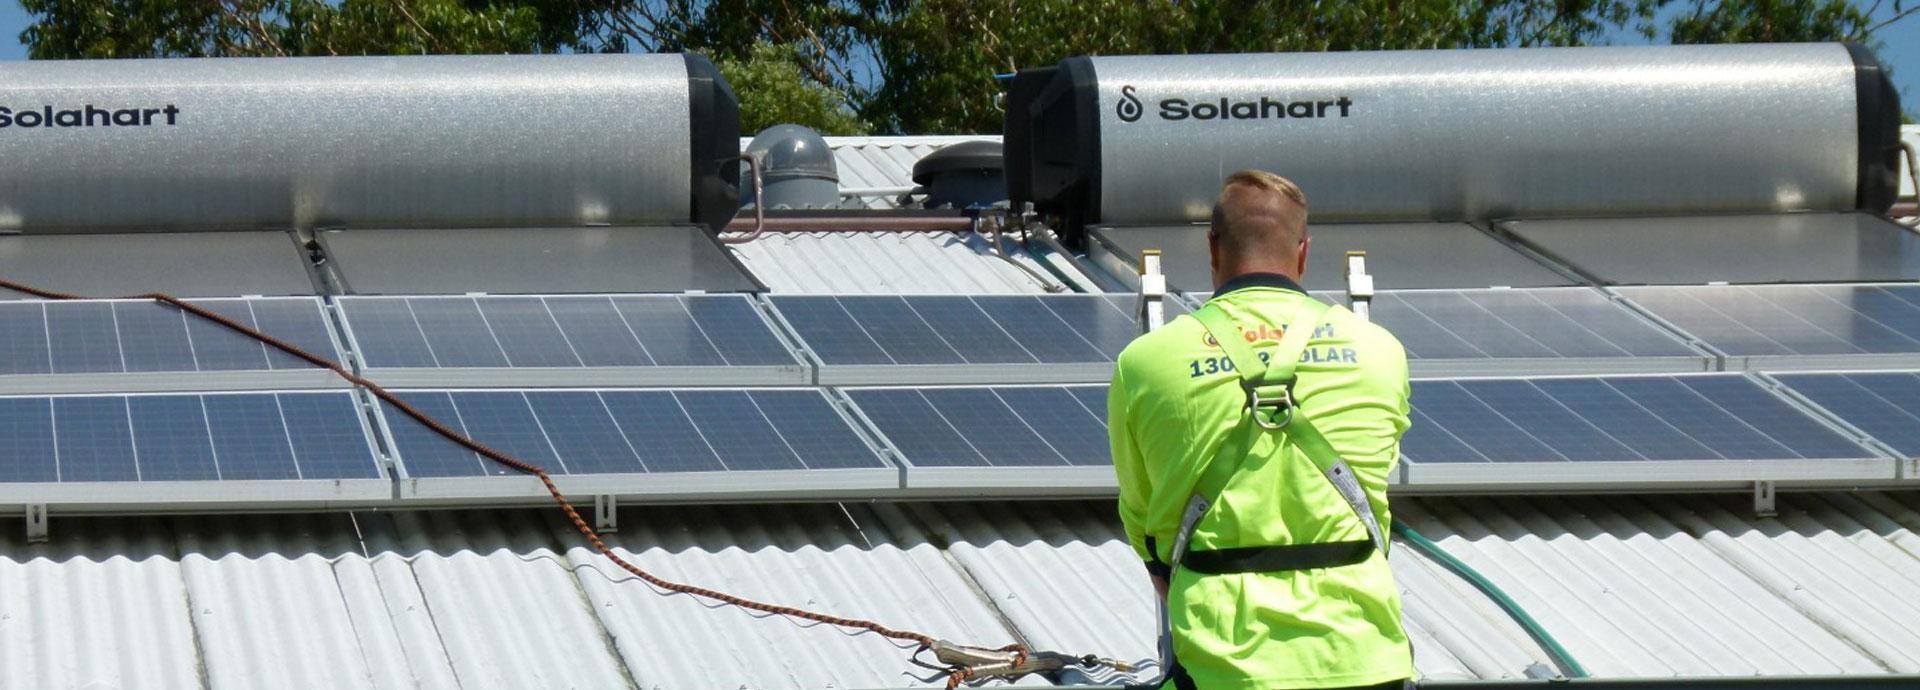 victorian solar commercial installations